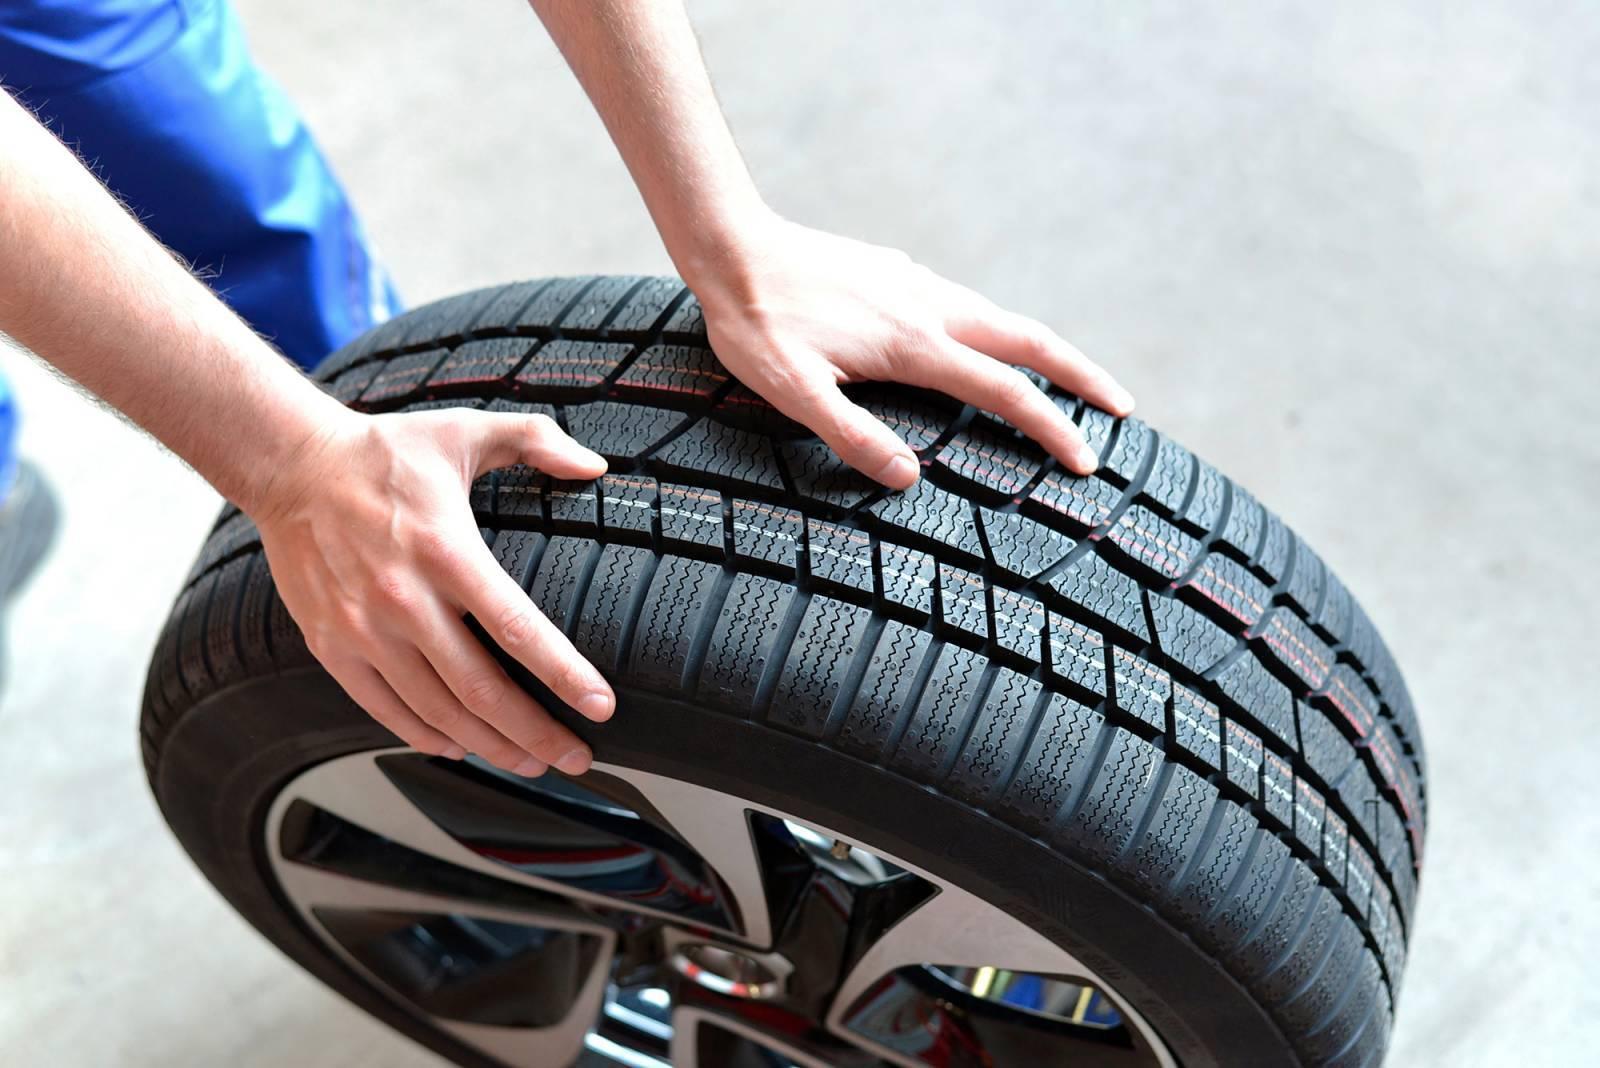 vente et installation de pneus neufs toutes marques centre de montage de pneus et garage. Black Bedroom Furniture Sets. Home Design Ideas